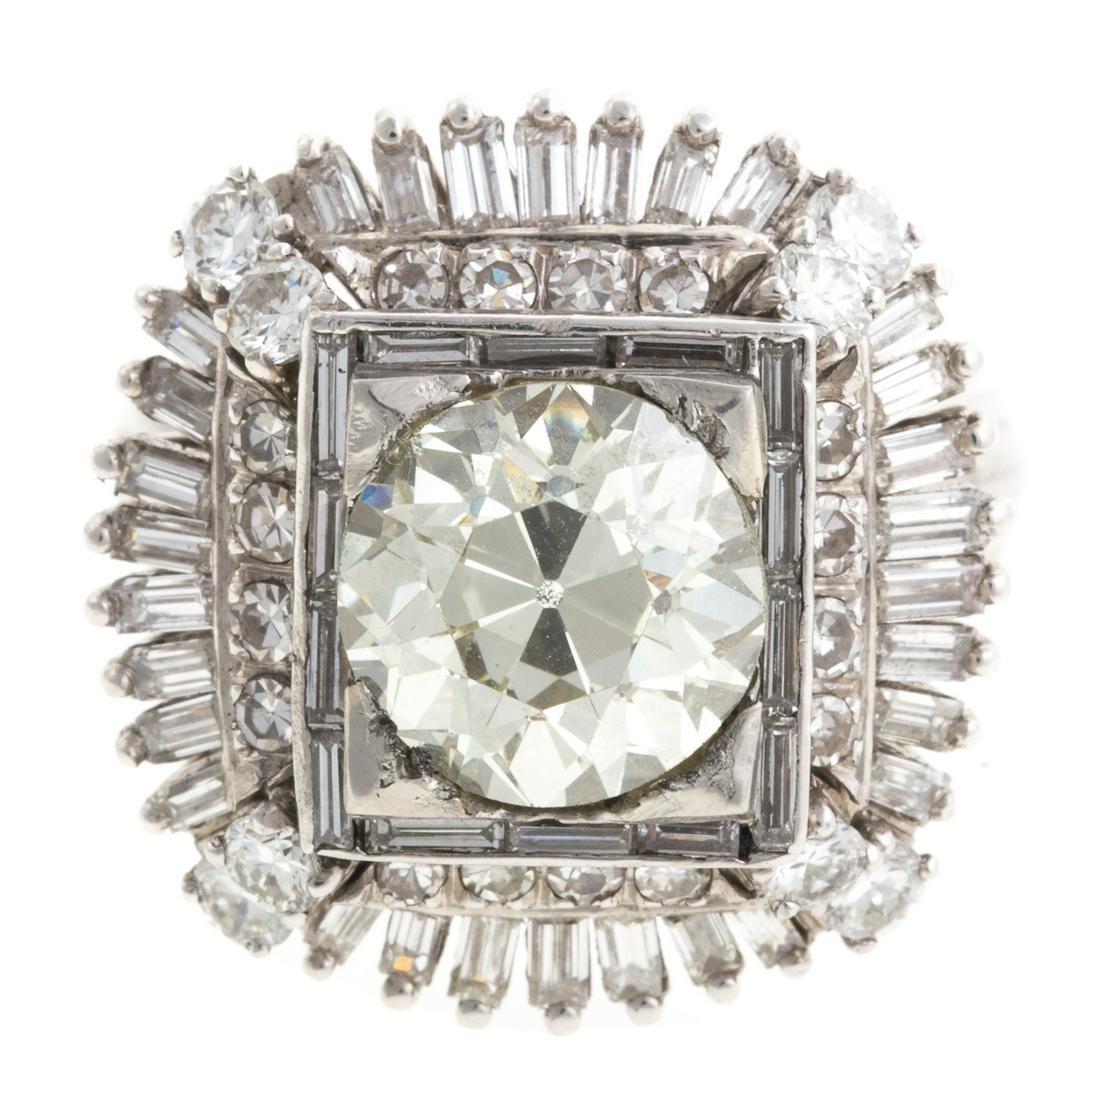 A Ladies Vintage 3 ct Diamond Ring in Platinum